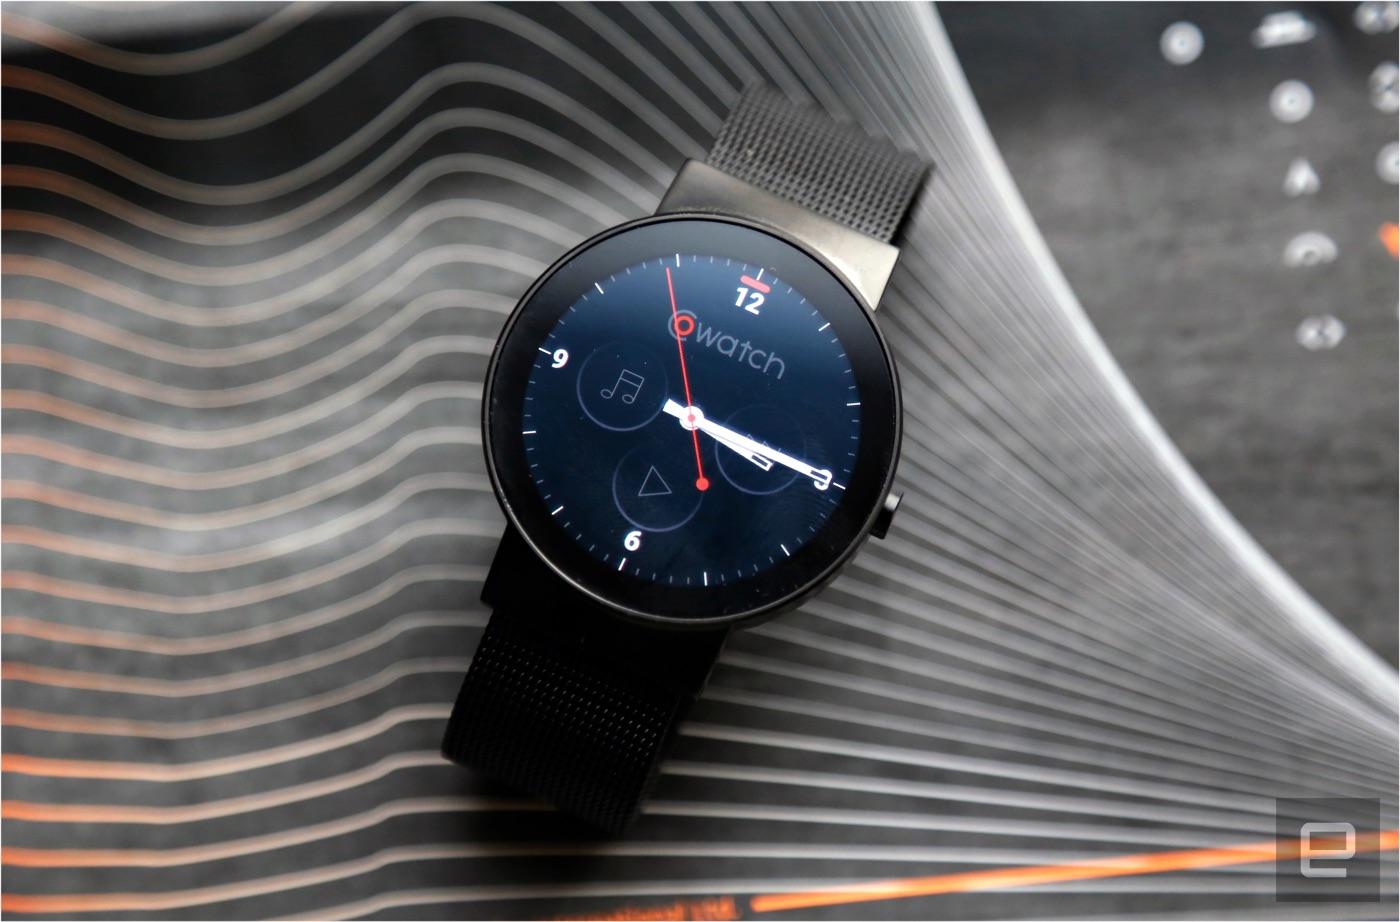 CoWatch – nové hodinky s asistentkou Alexa od Amazonu